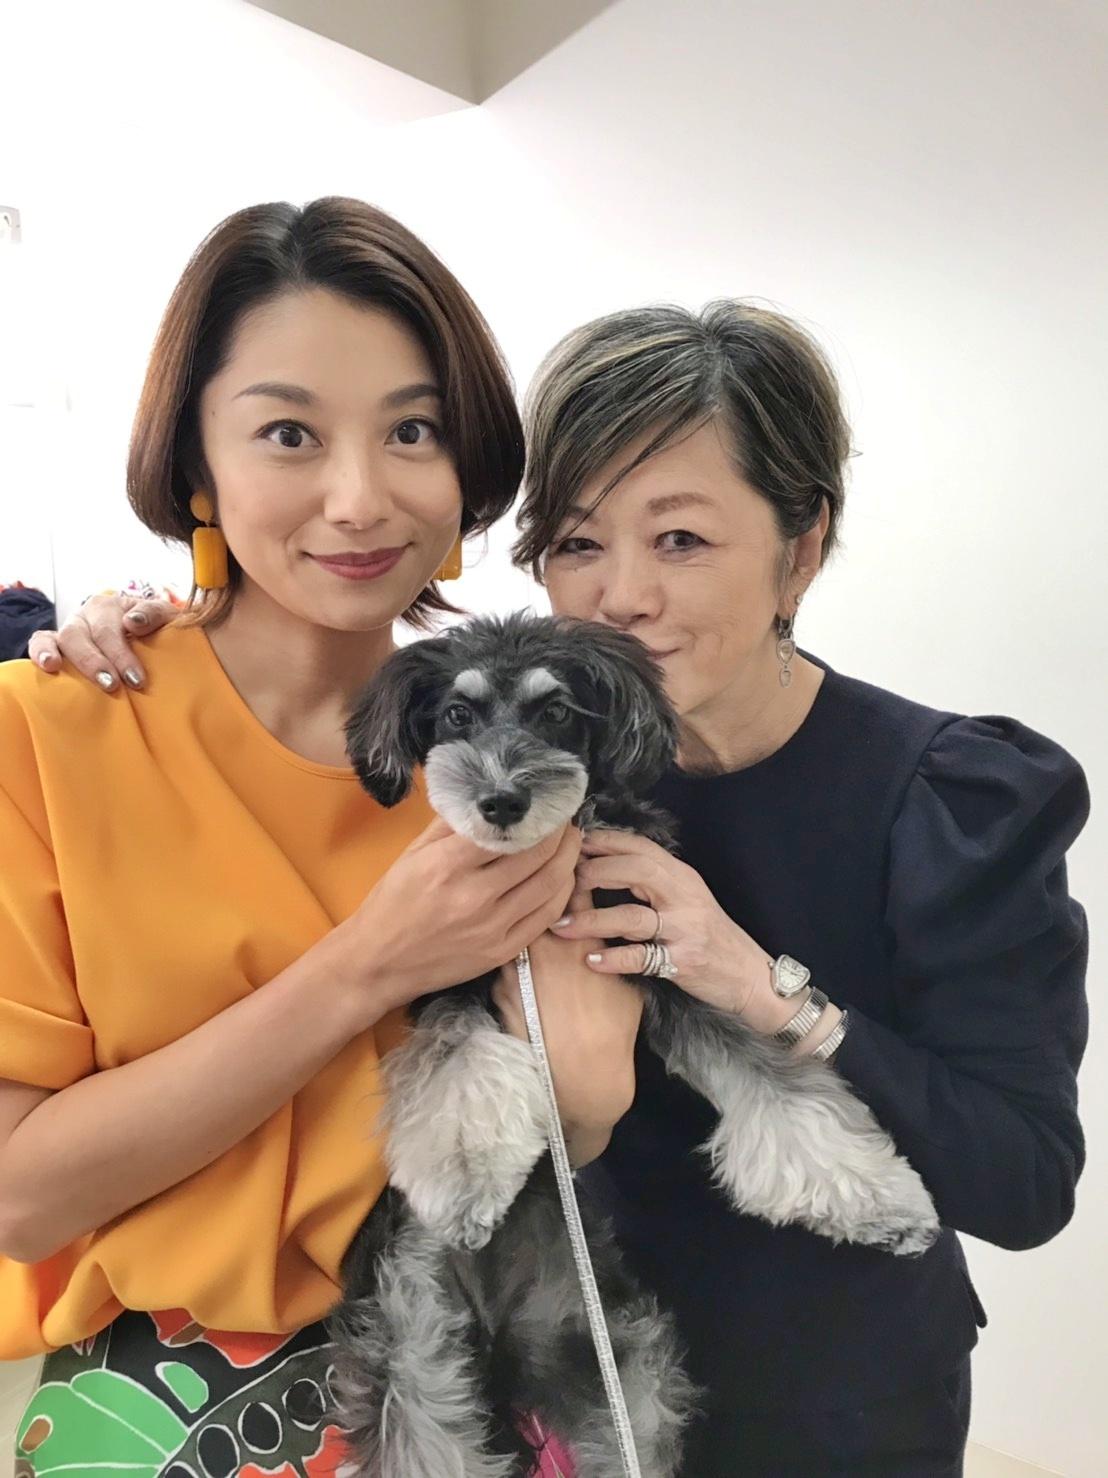 小池栄子姫主演映画『グッドバイ』番宣撮影♪_d0339889_18424830.jpg